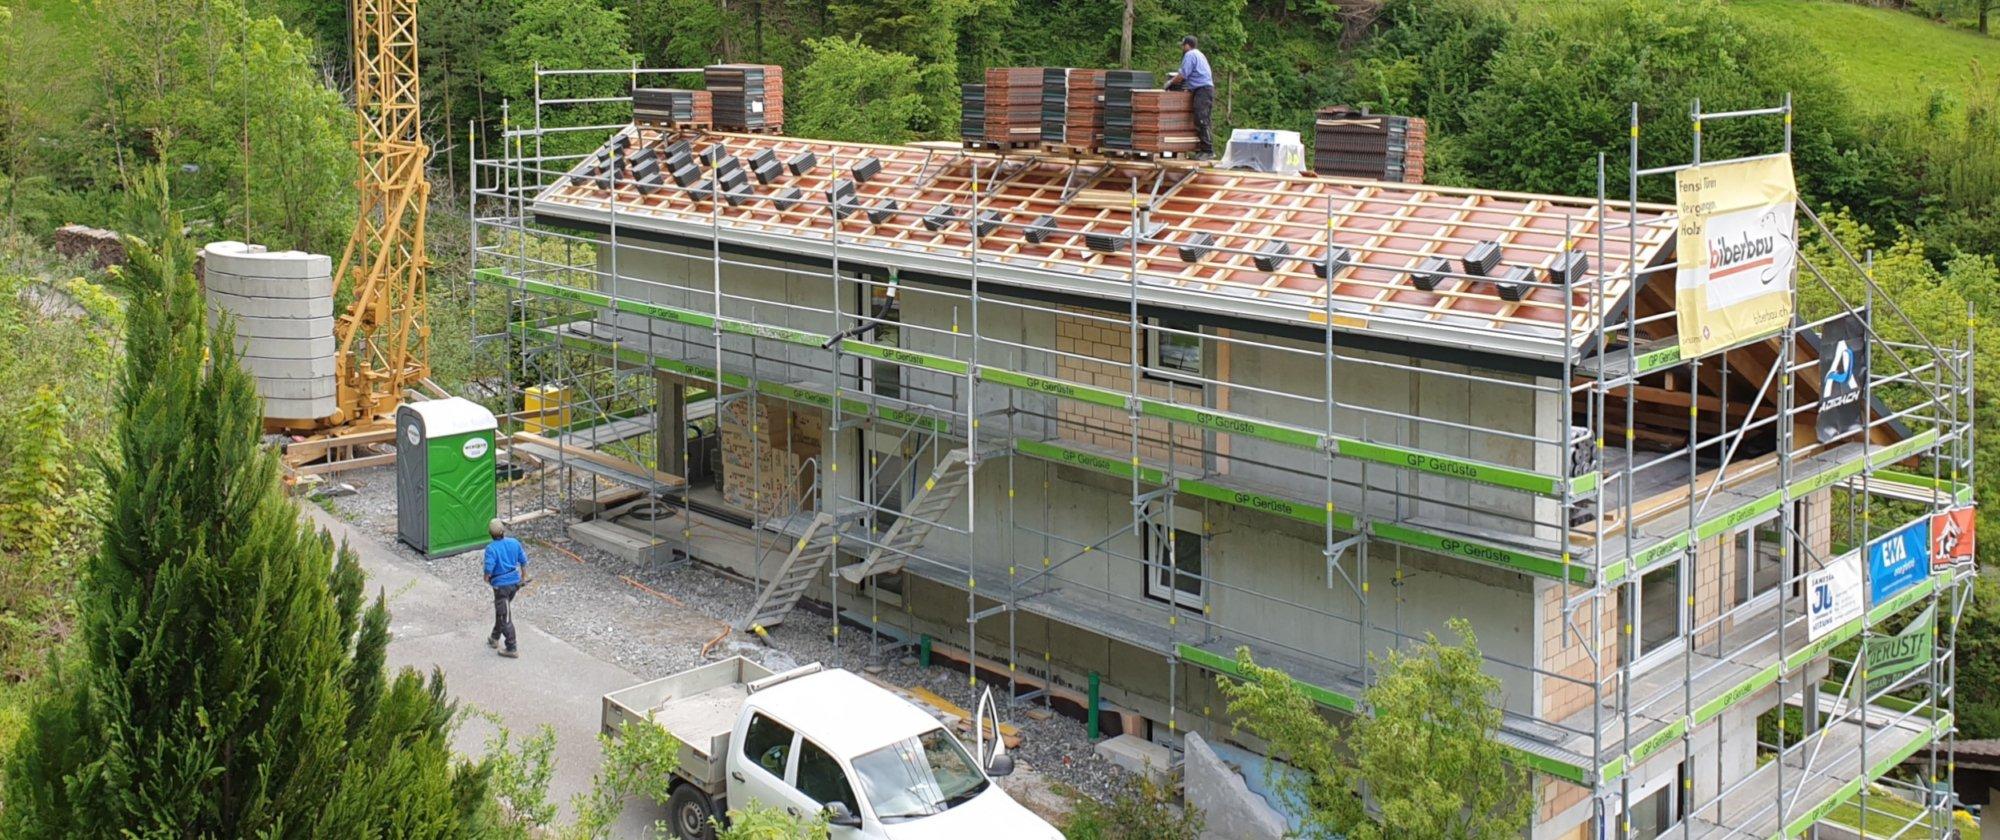 das Dach wird mit Ziegeln eingedeckt